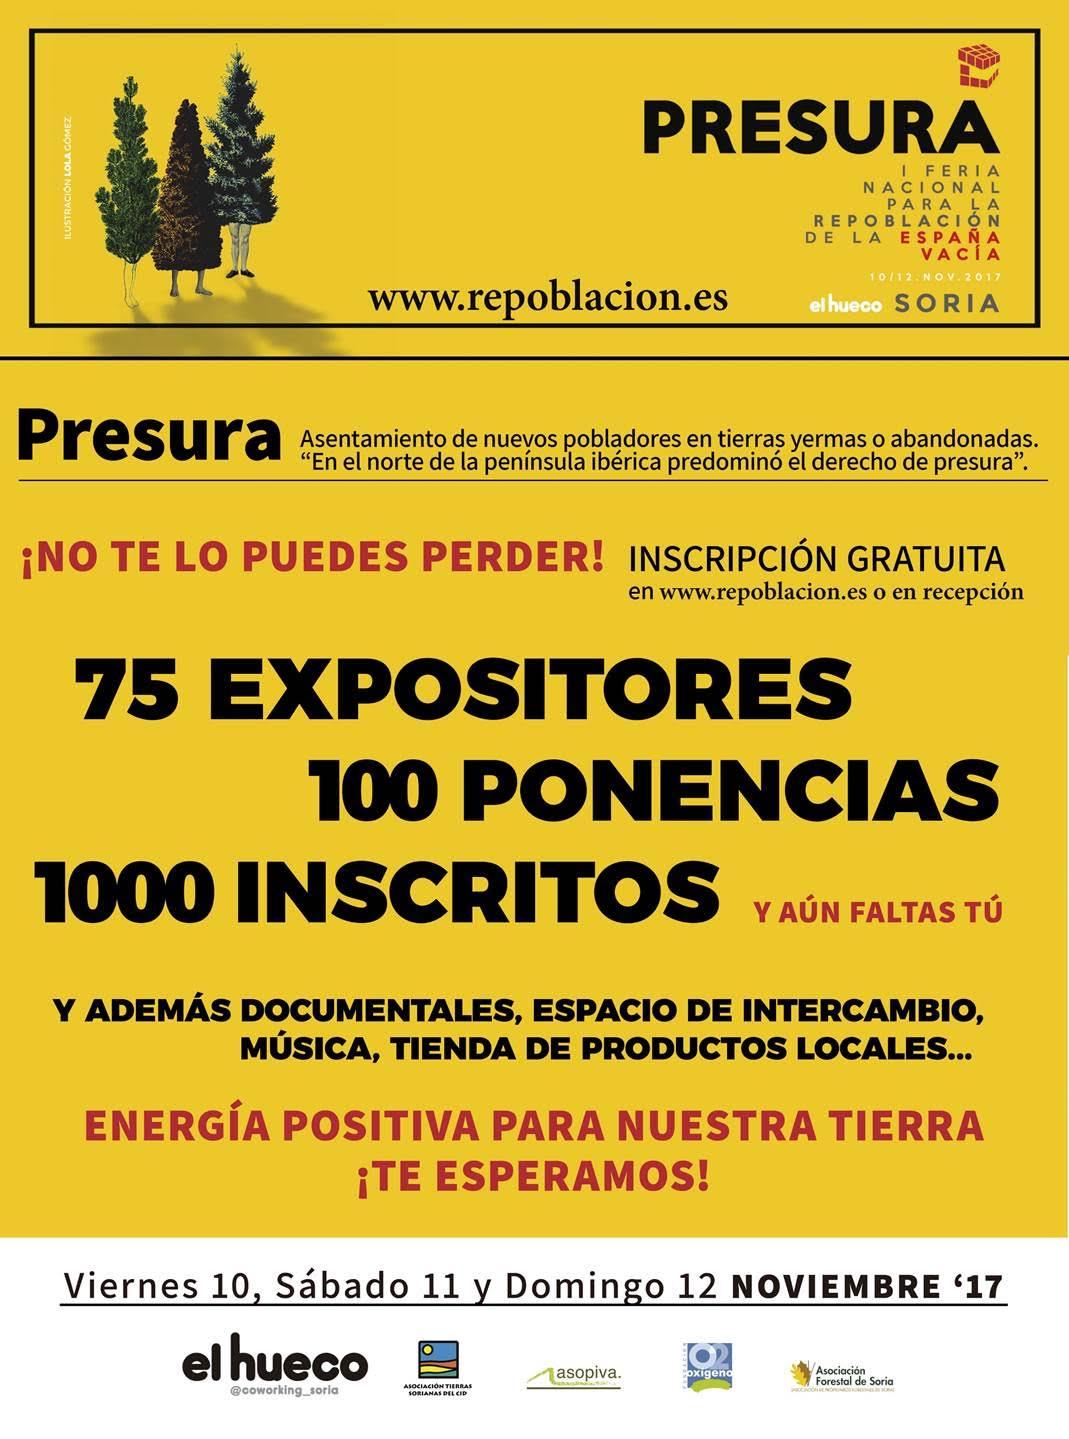 Ya está aquí «Presura»: la Feria para la repoblación de la España vacía